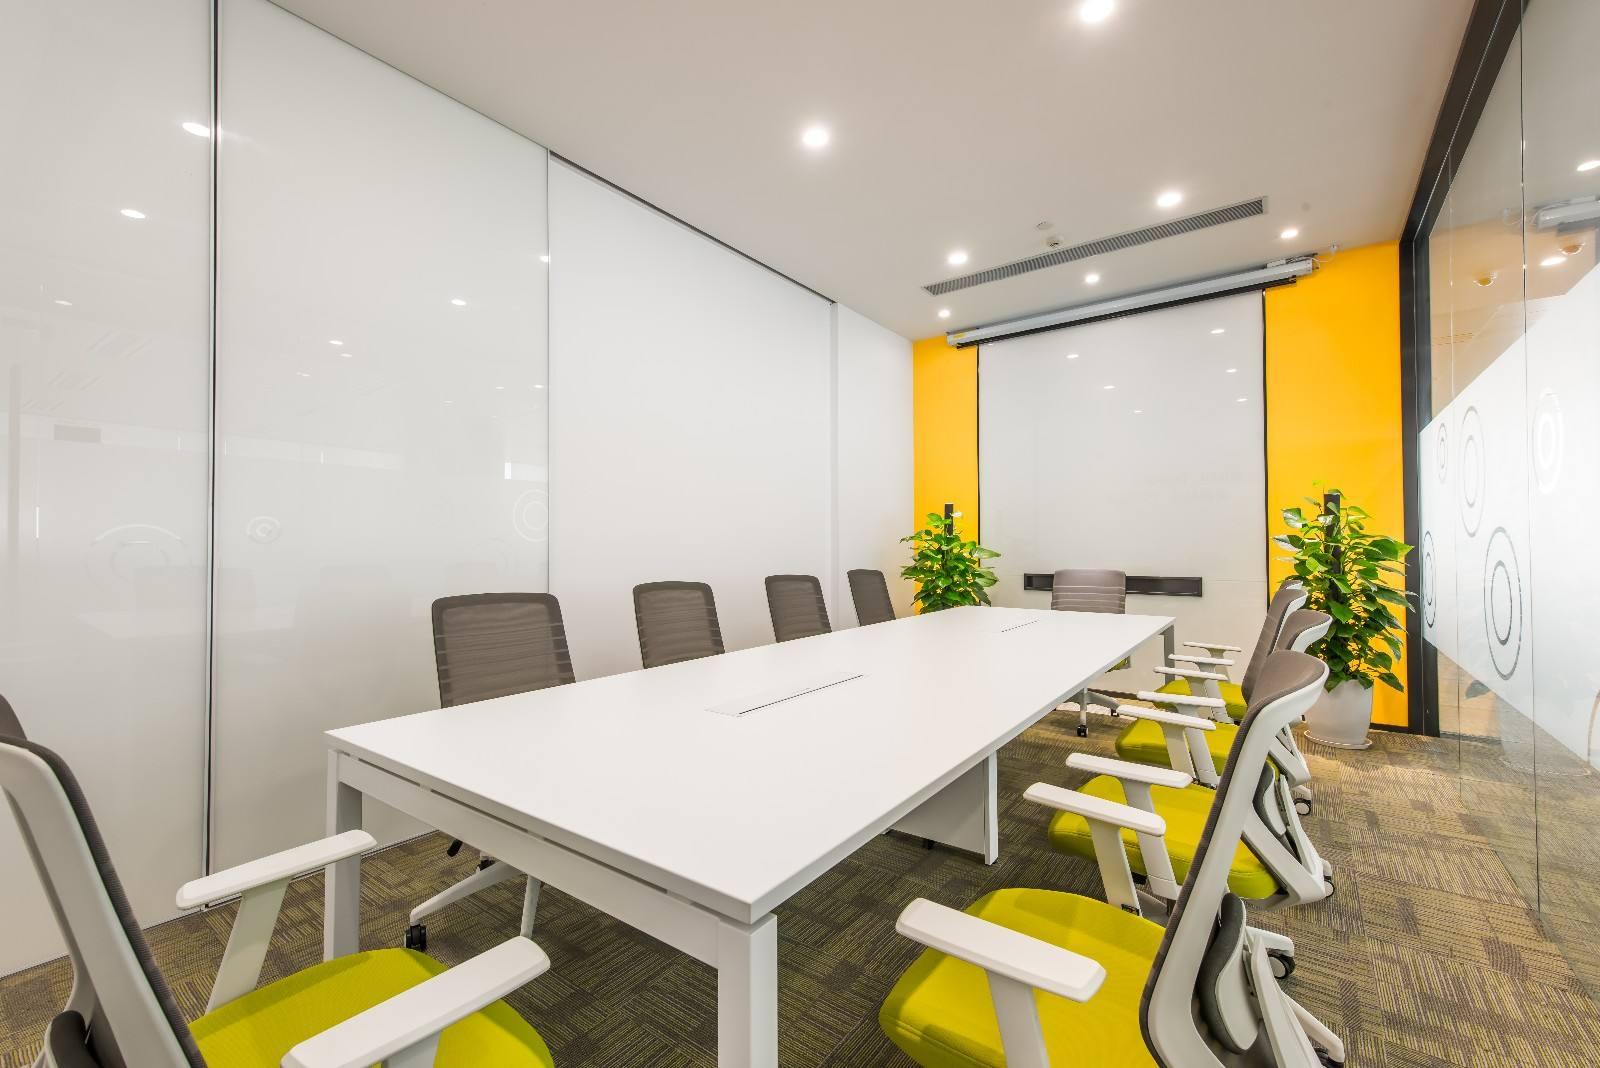 简约现代风格小型会议室装修设计实景图